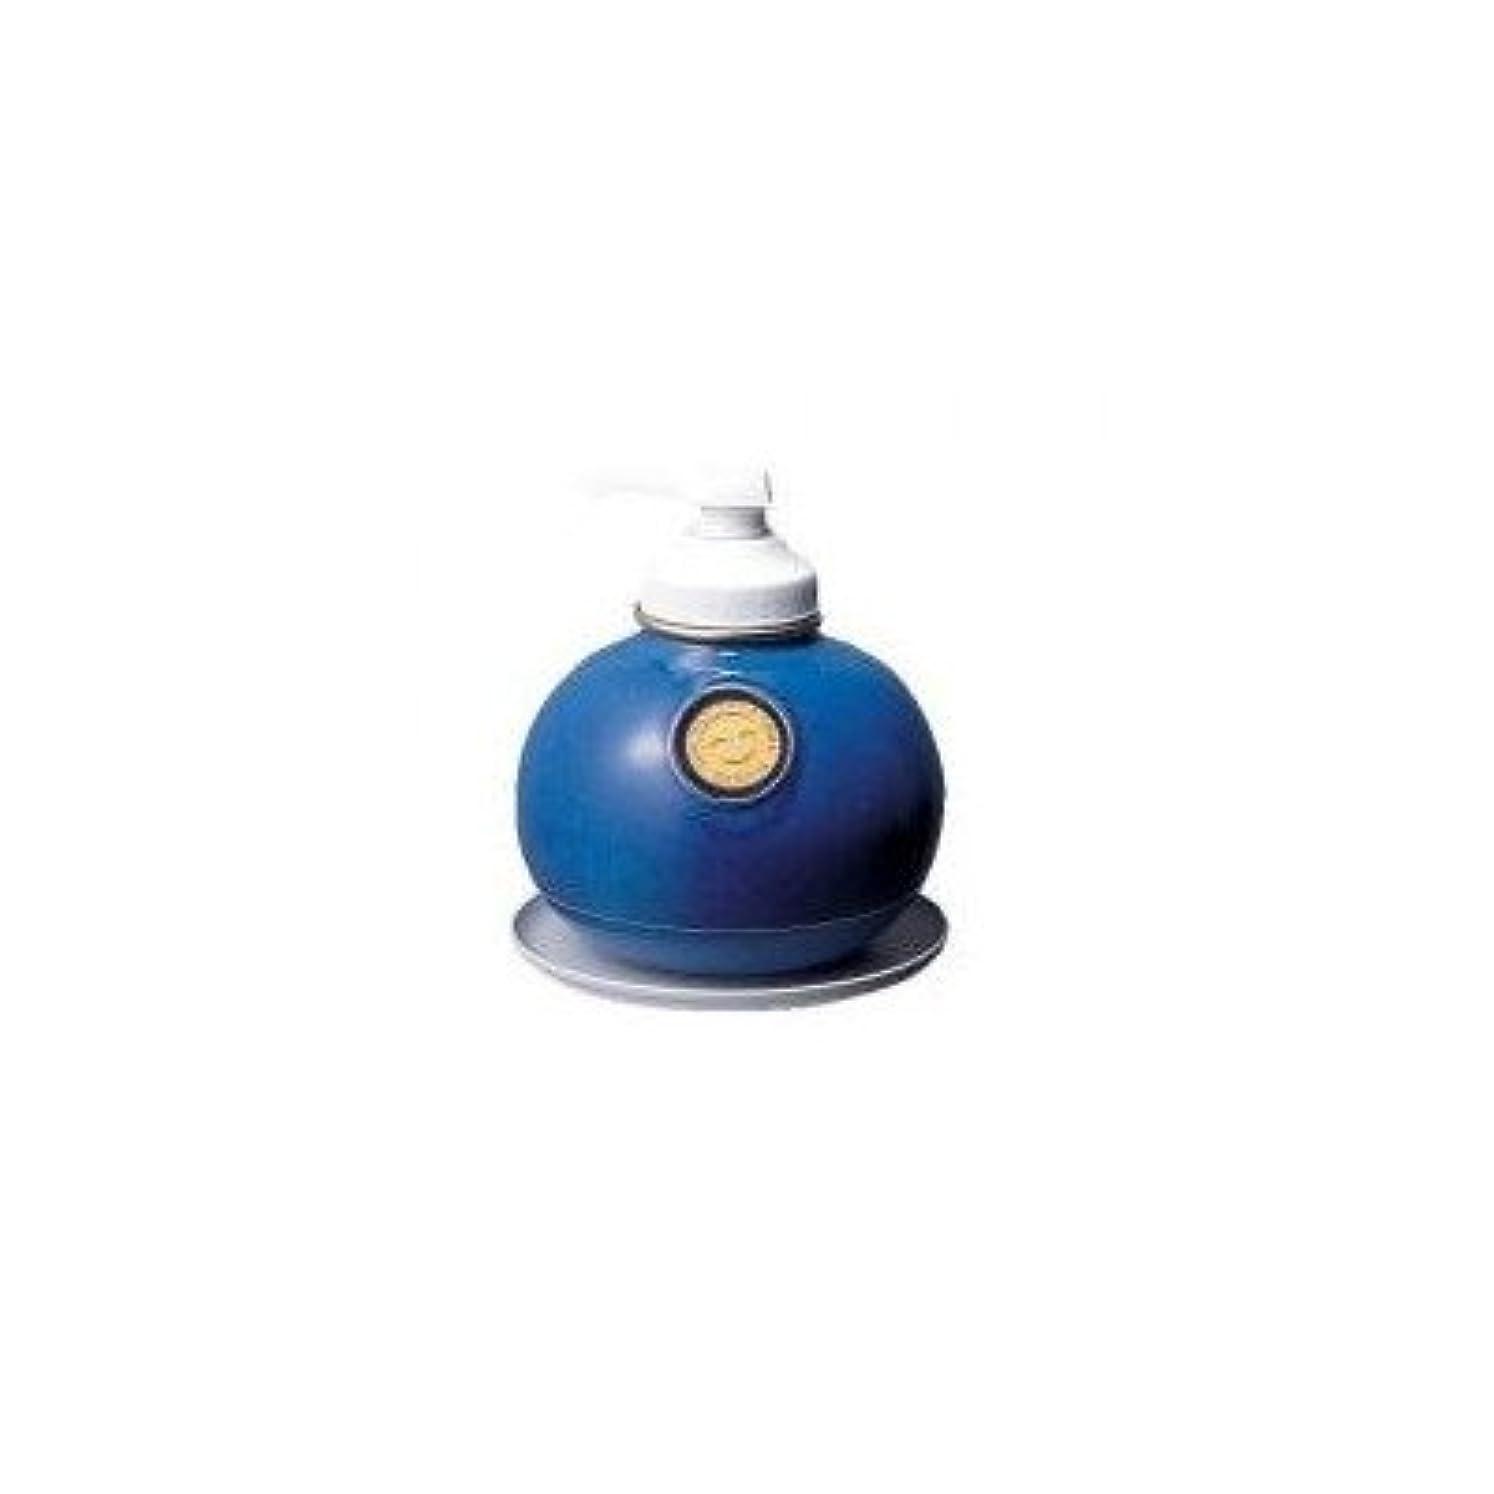 ロデオ家畜一時停止サラヤ ウォシュボン陶器製容器 MF-1 ポンプ付 1L×6本 ワインレッド( 画像はイメージ画像です お届けの商品はワインレッドのみとなります)